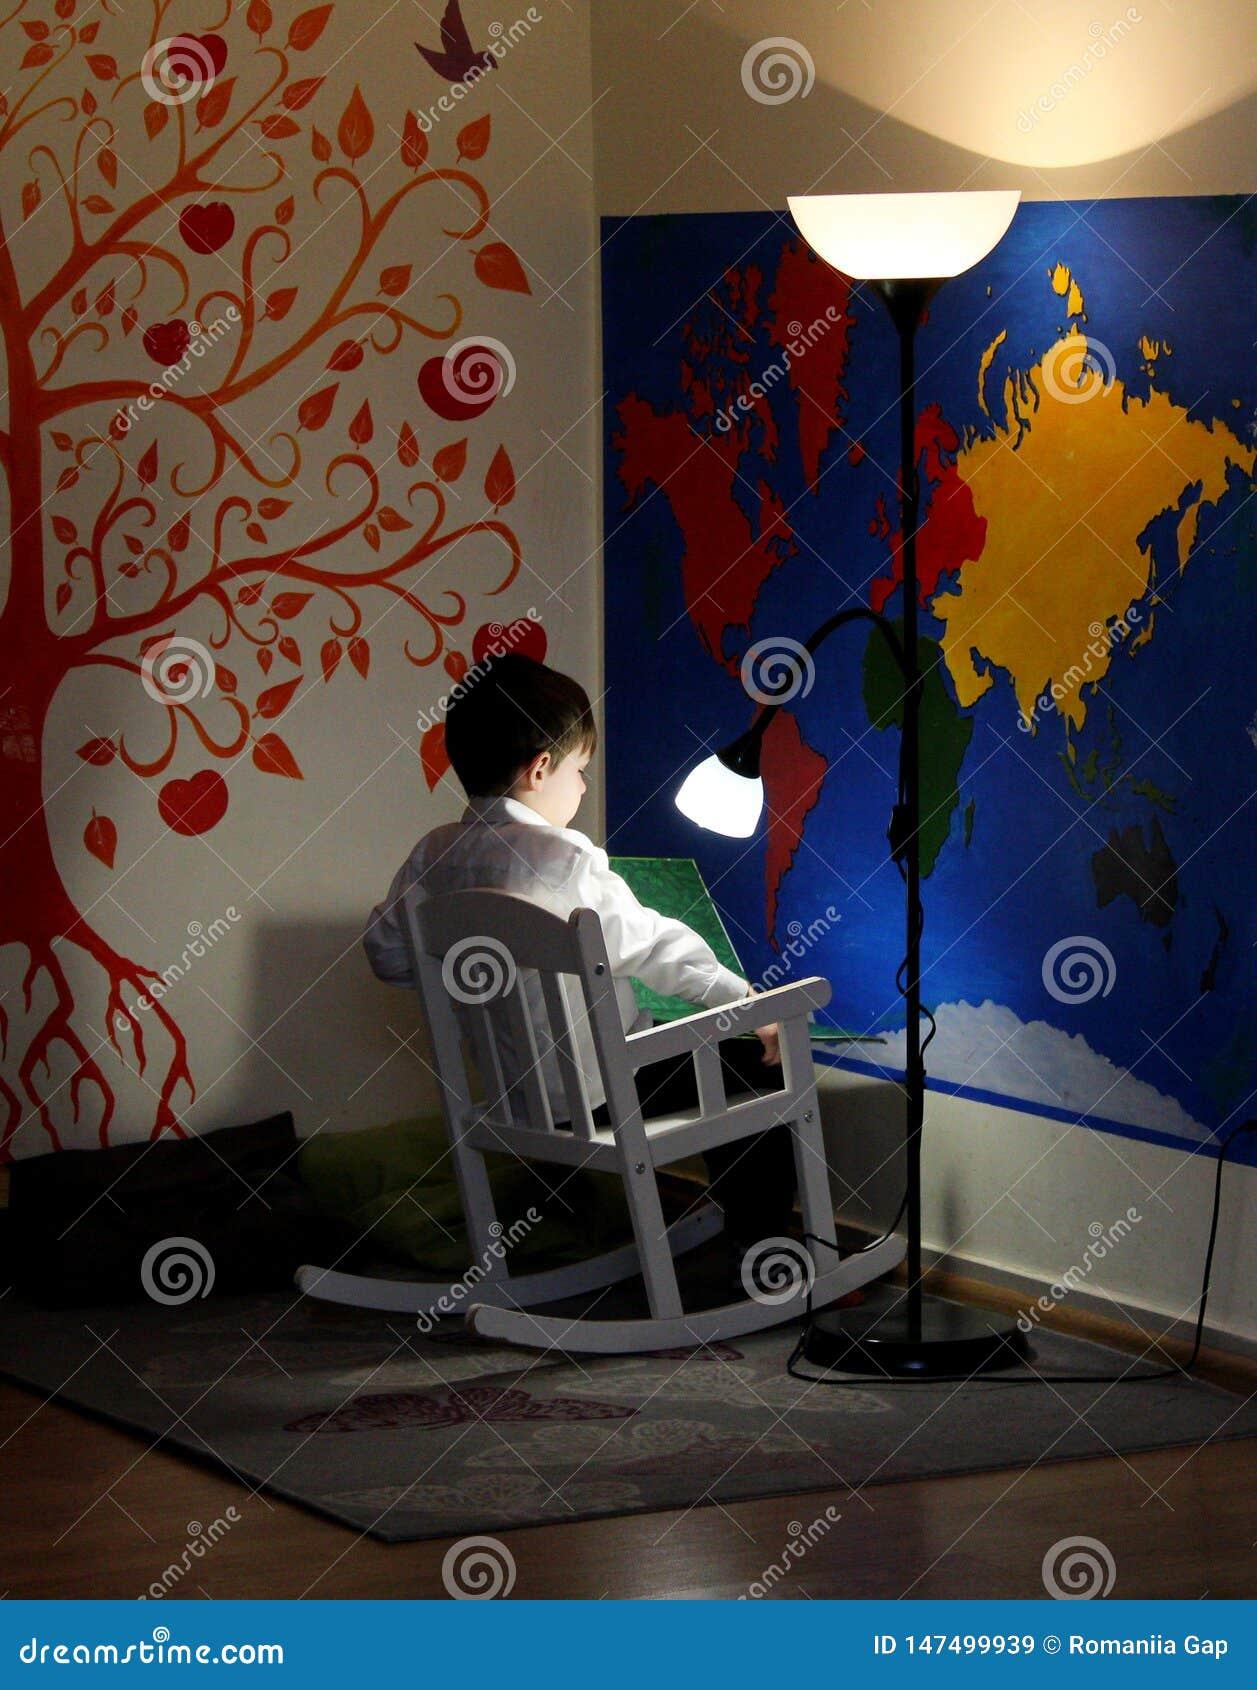 Lite läser pojken som sitter i en gungstol, och en lampa skiner ovanför honom Väggar - en översikt av världen och ett orange roli